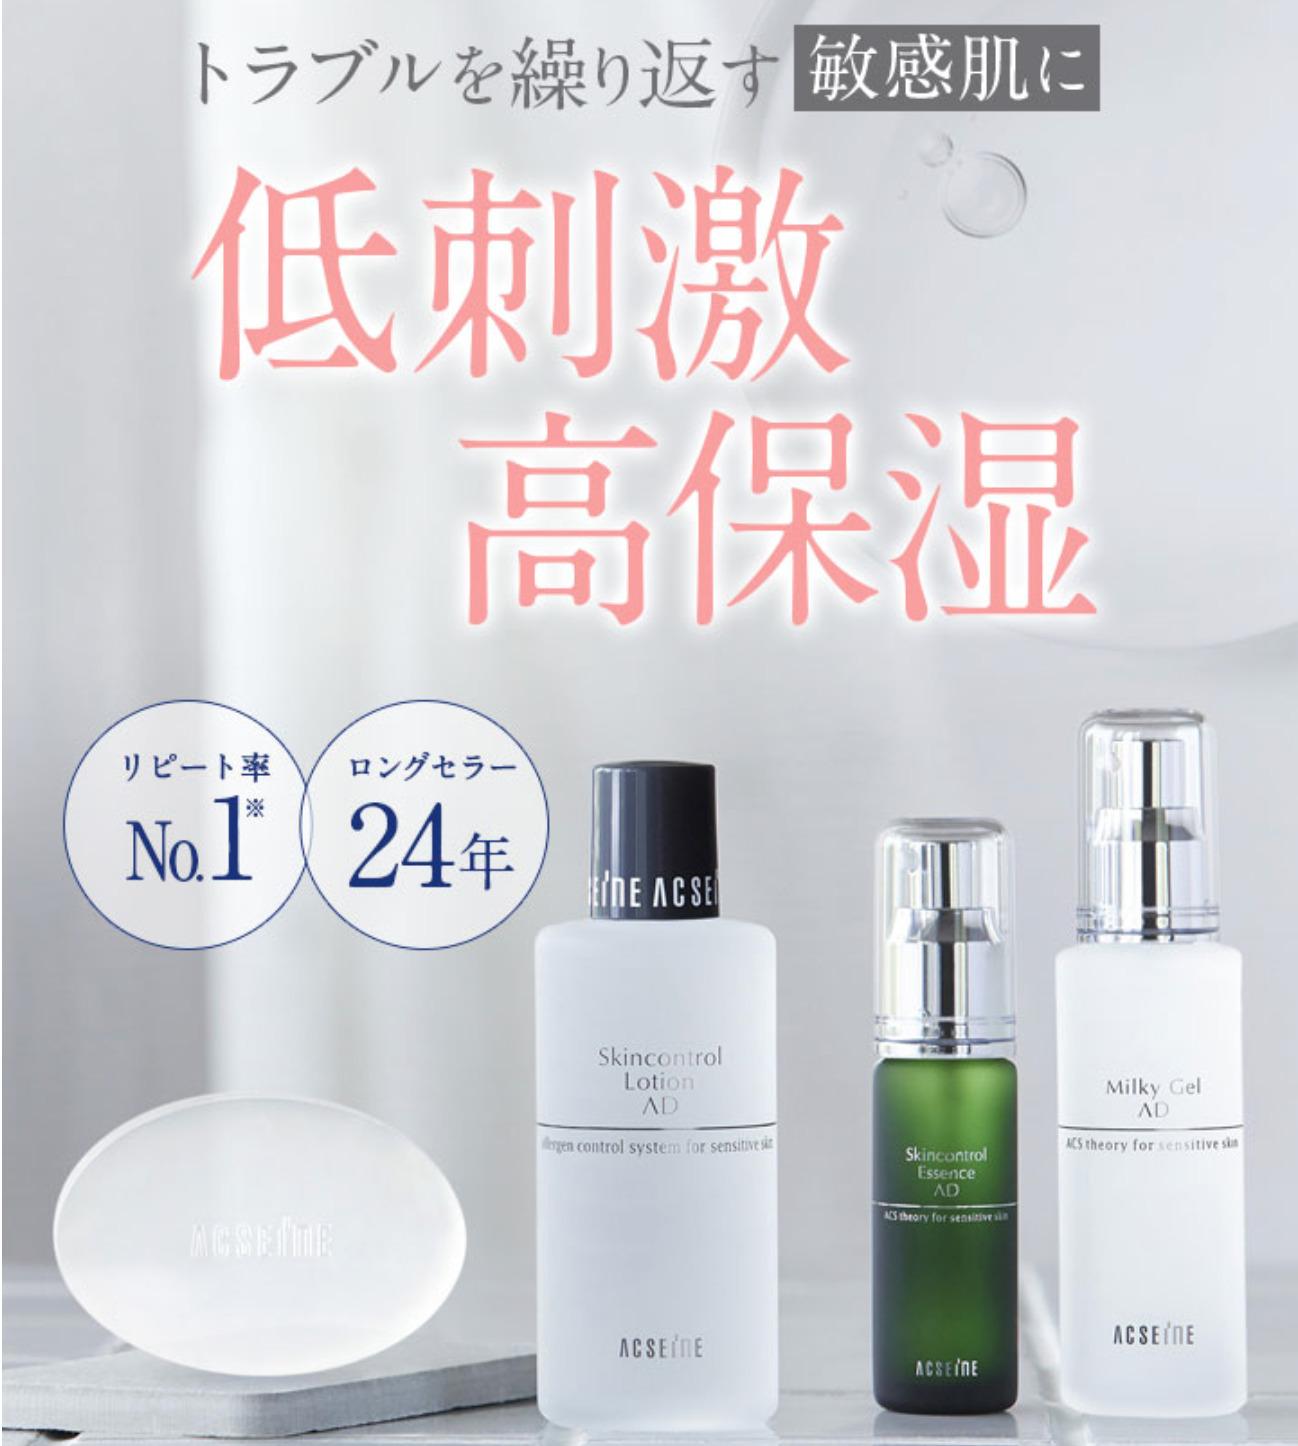 敏感肌にADコントロール!アクセーヌ化粧水をトライアルしよう!